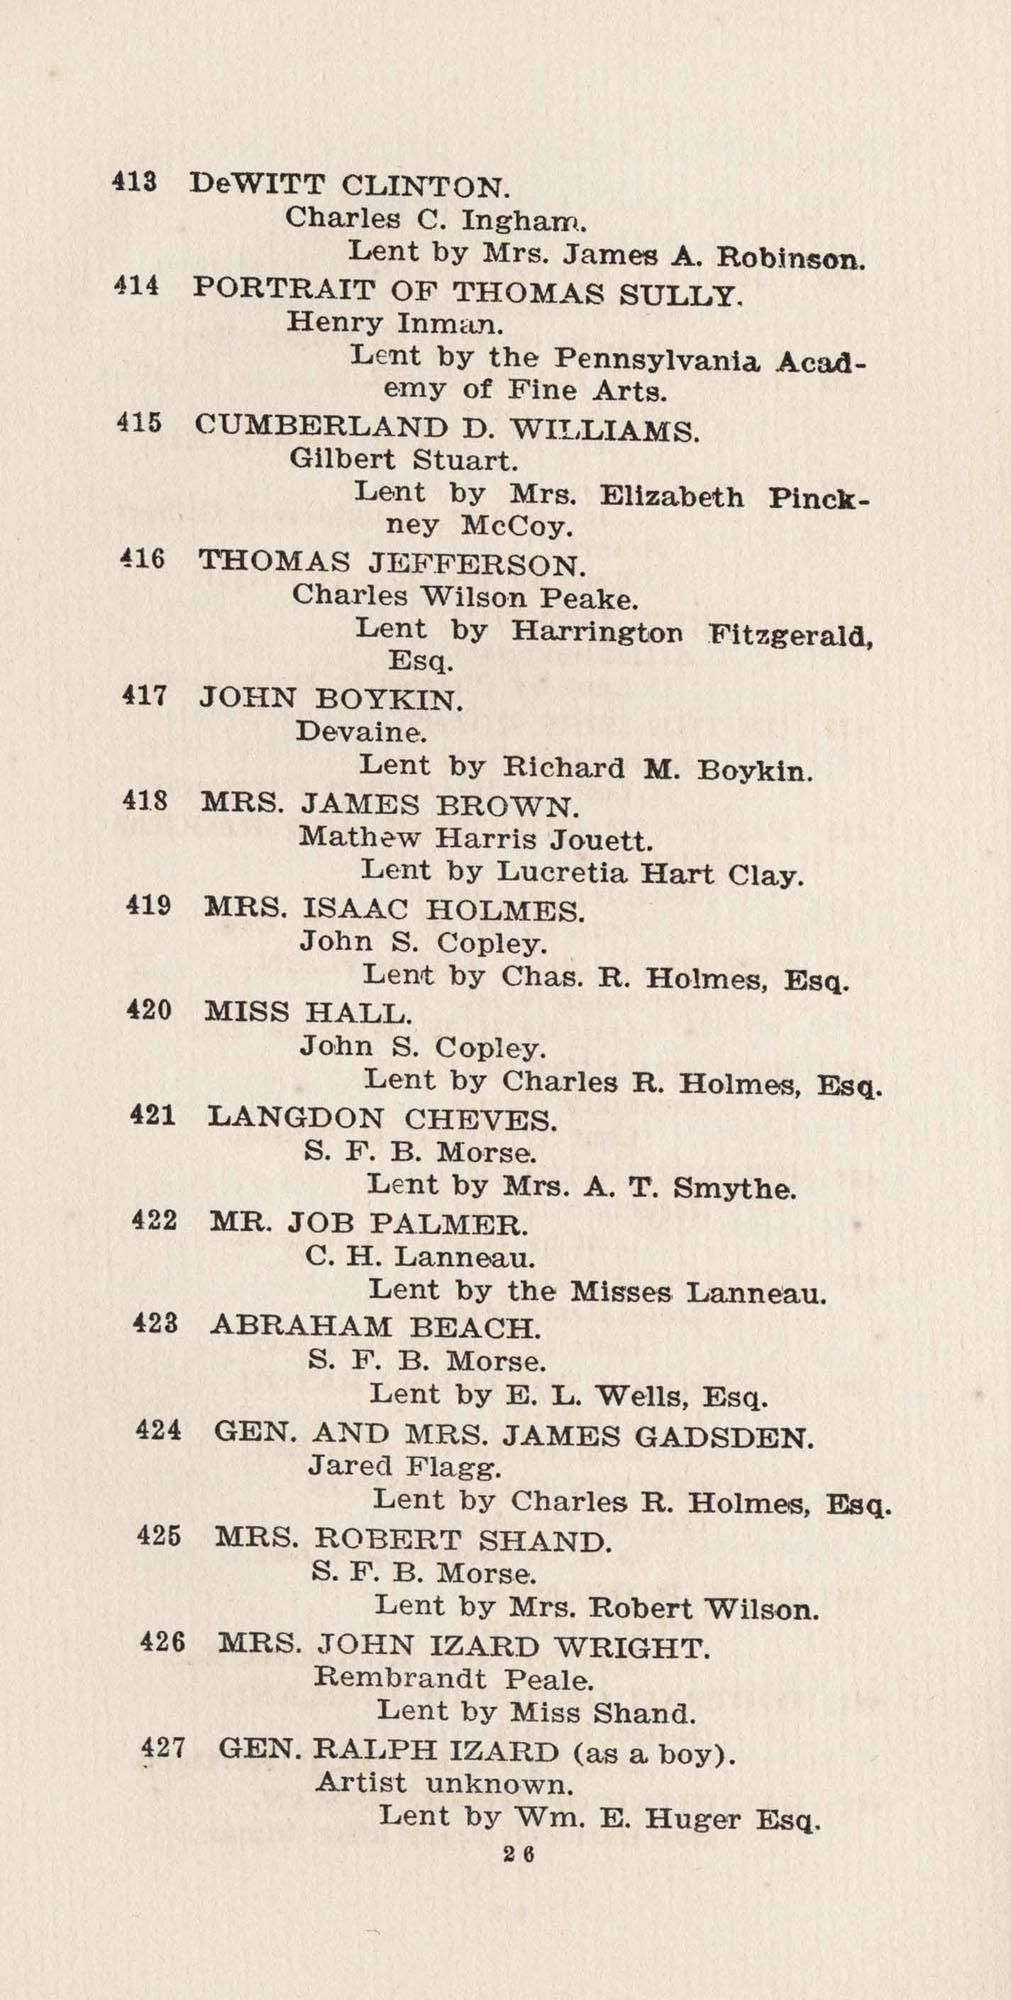 Catalogue, 413-427